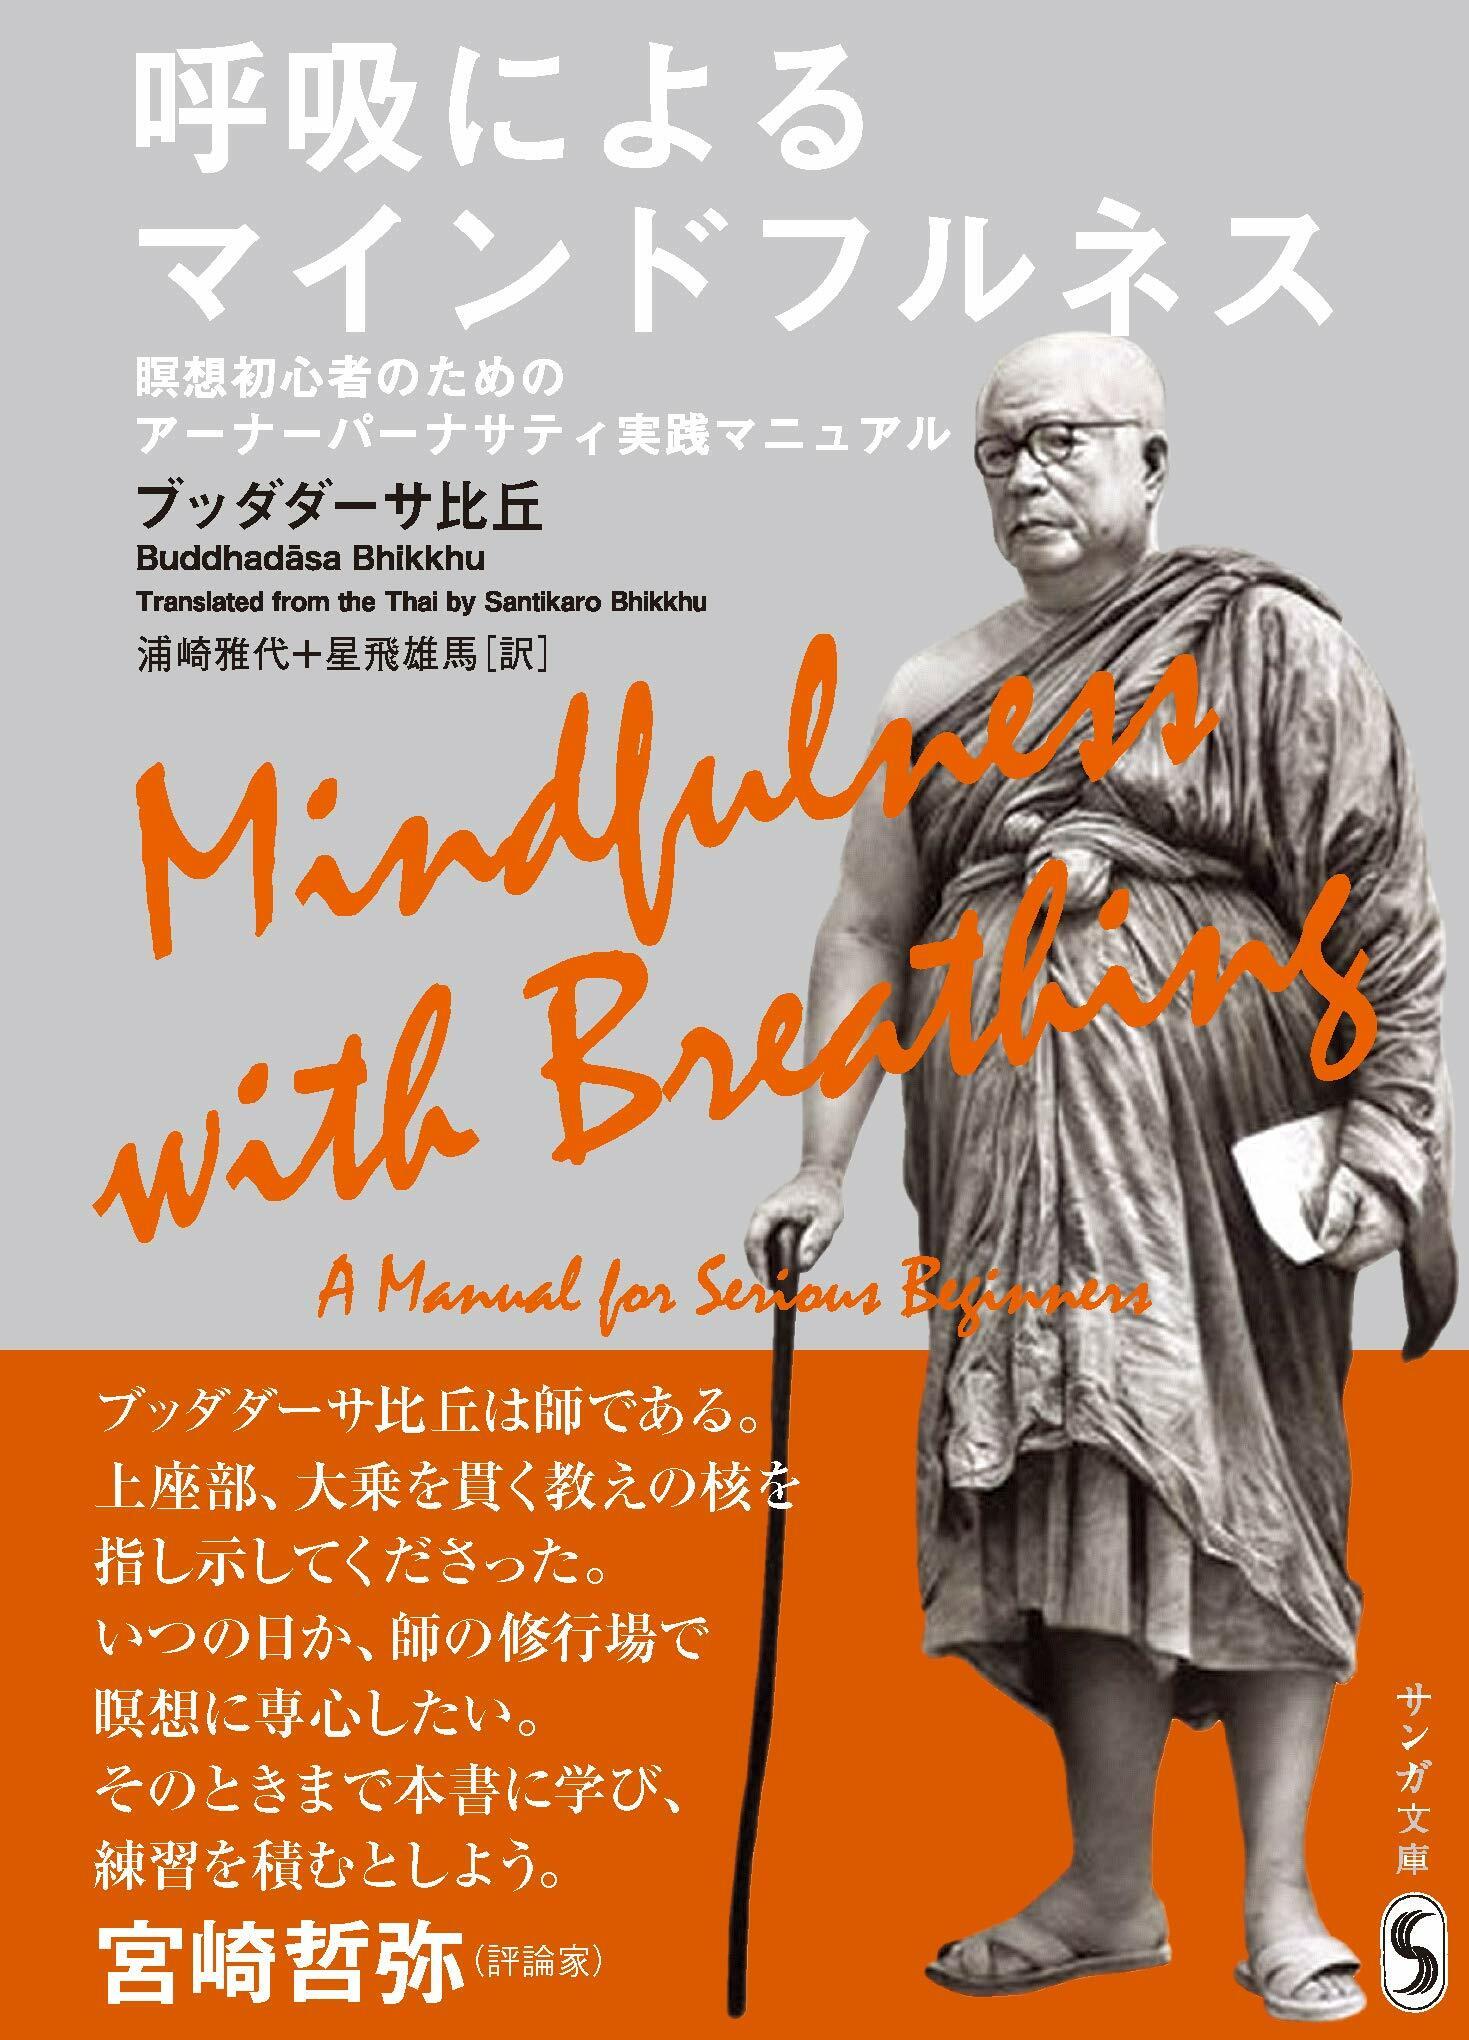 呼吸によるマインドフルネス:瞑想初心者のためのア-ナ-パ-ナサティ實踐マニュアル (サンガ文庫)